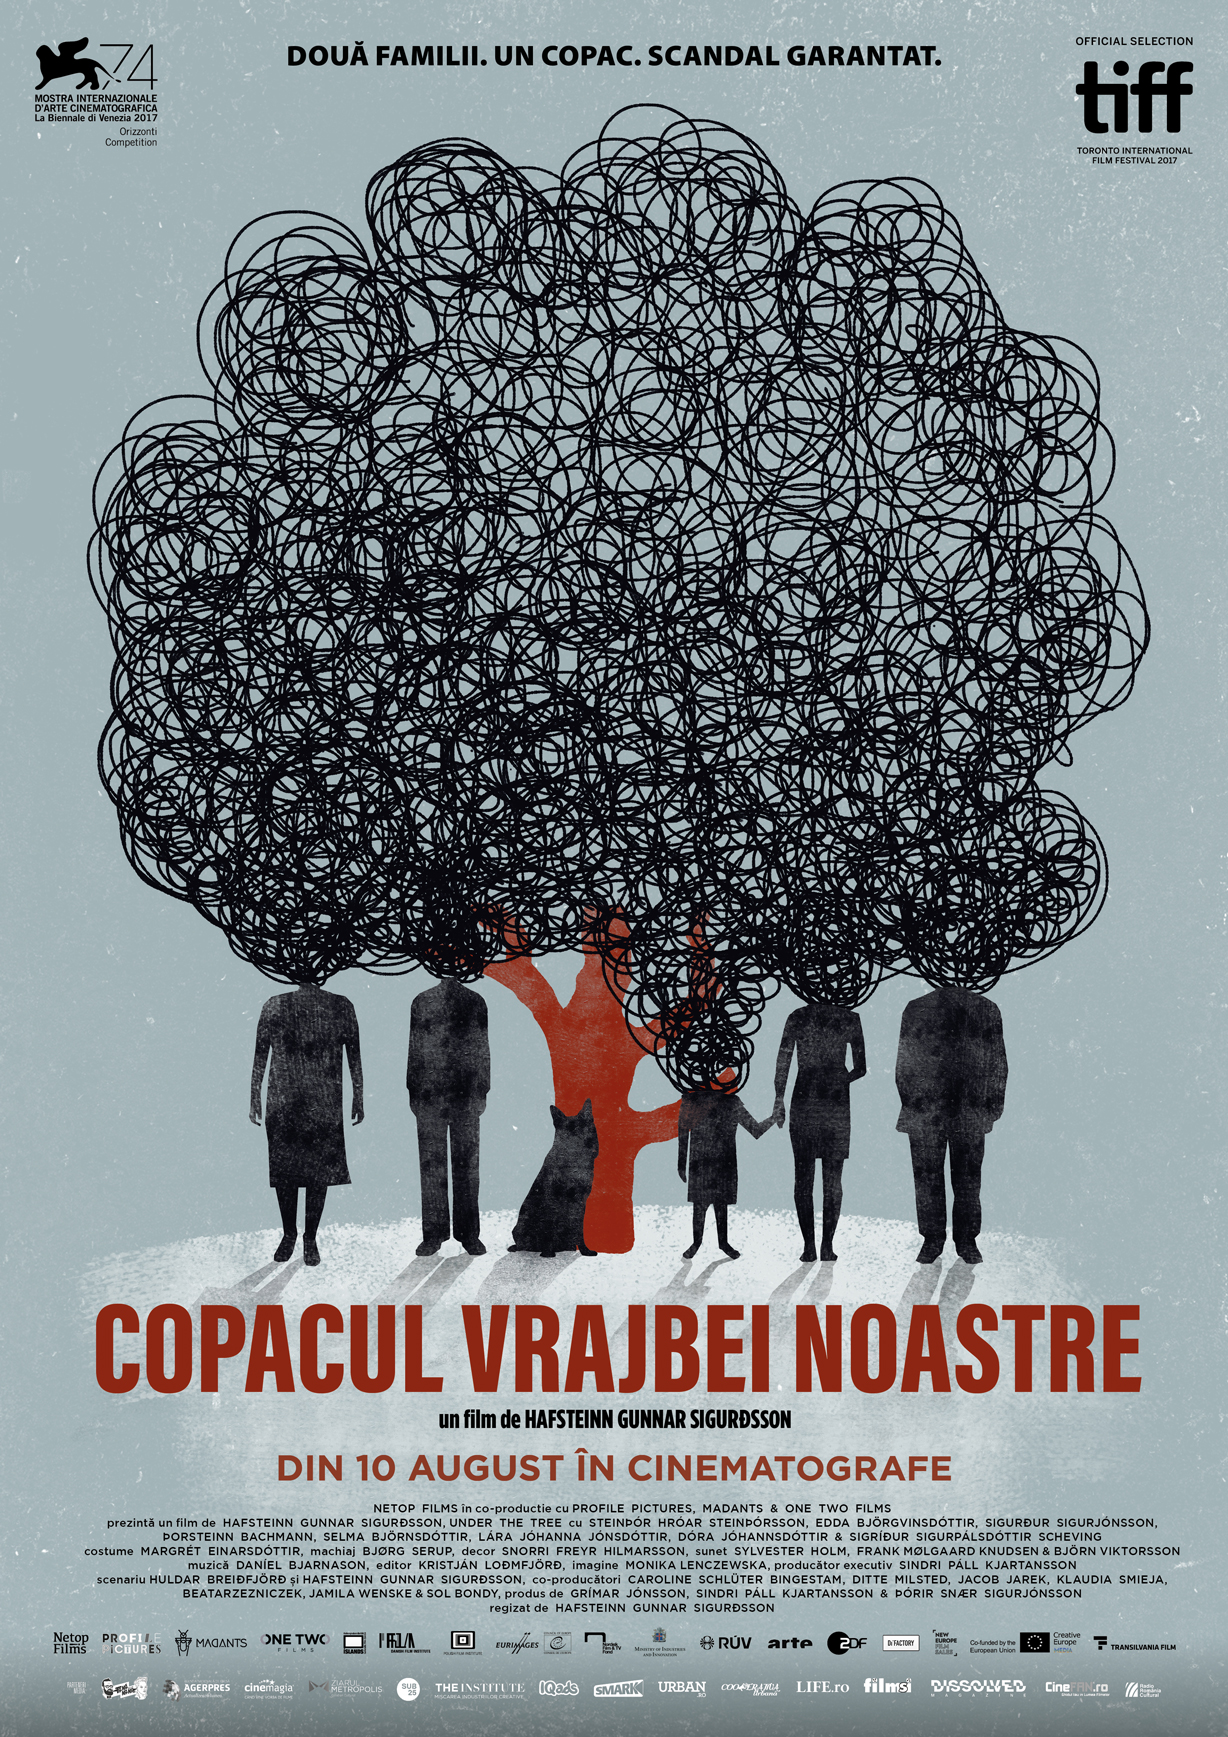 """{focus_keyword} """"Copacul vrajbei noastre"""" – un film despre rădăcinile discordiilor suburbane, din 10 august în cinematografe CVN POSTER"""